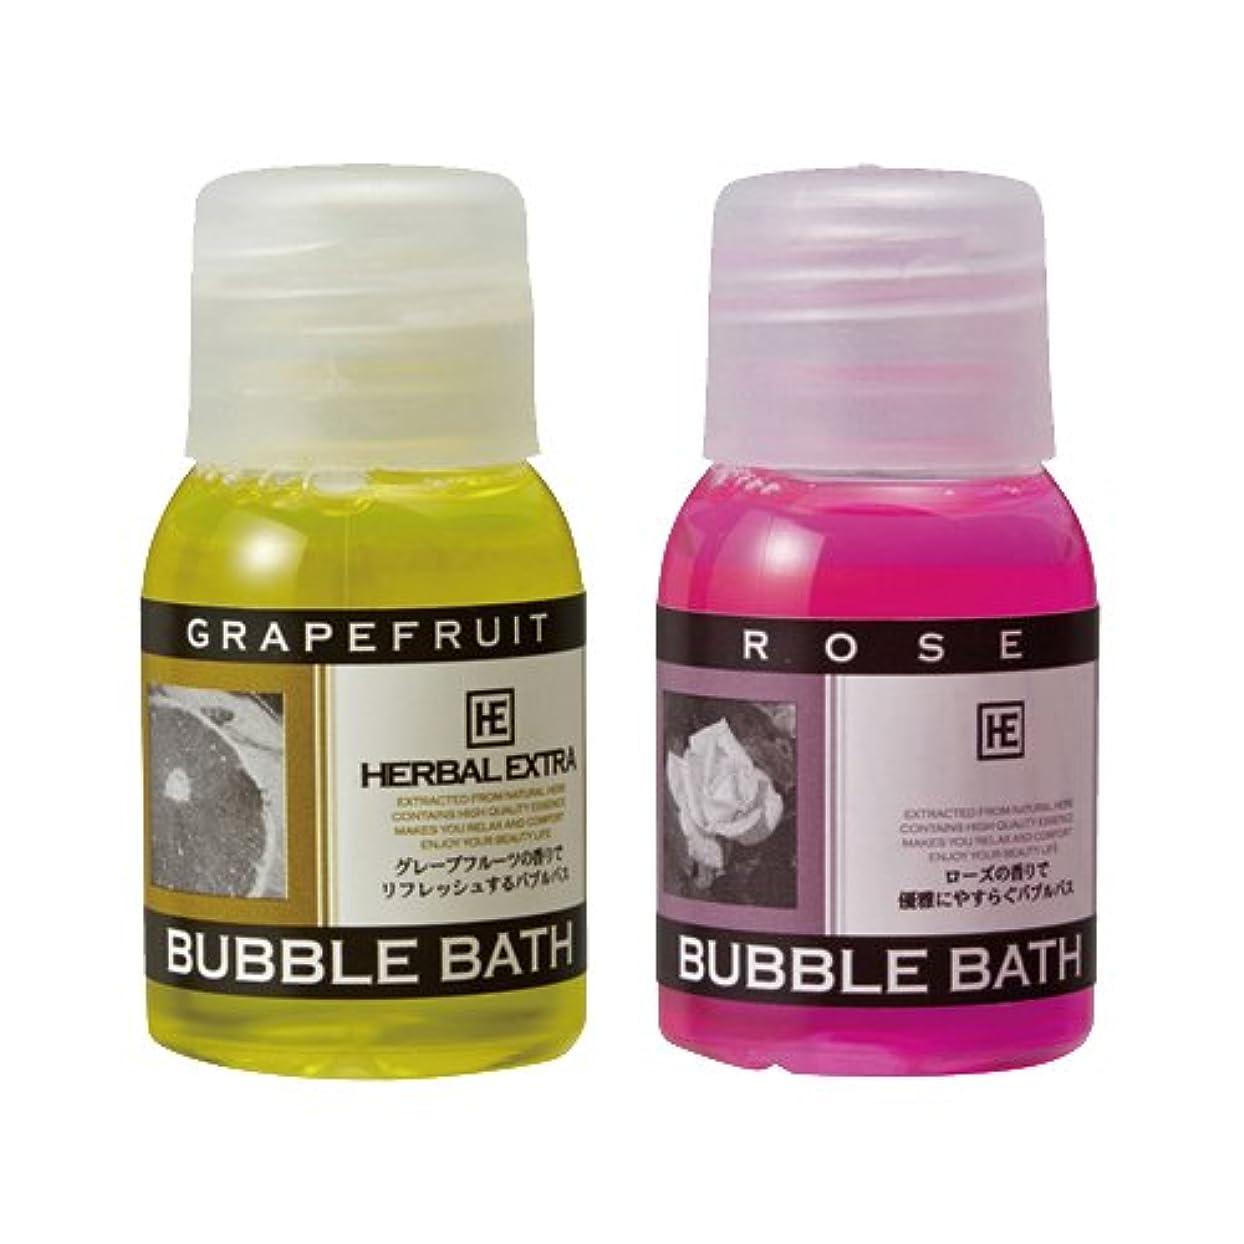 ハーバルエクストラ バブルバス ミニボトル × 1個 【香りは当店おまかせ】 - ホテルアメニティ 業務用 発泡入浴剤 (BUBBLE BATH)